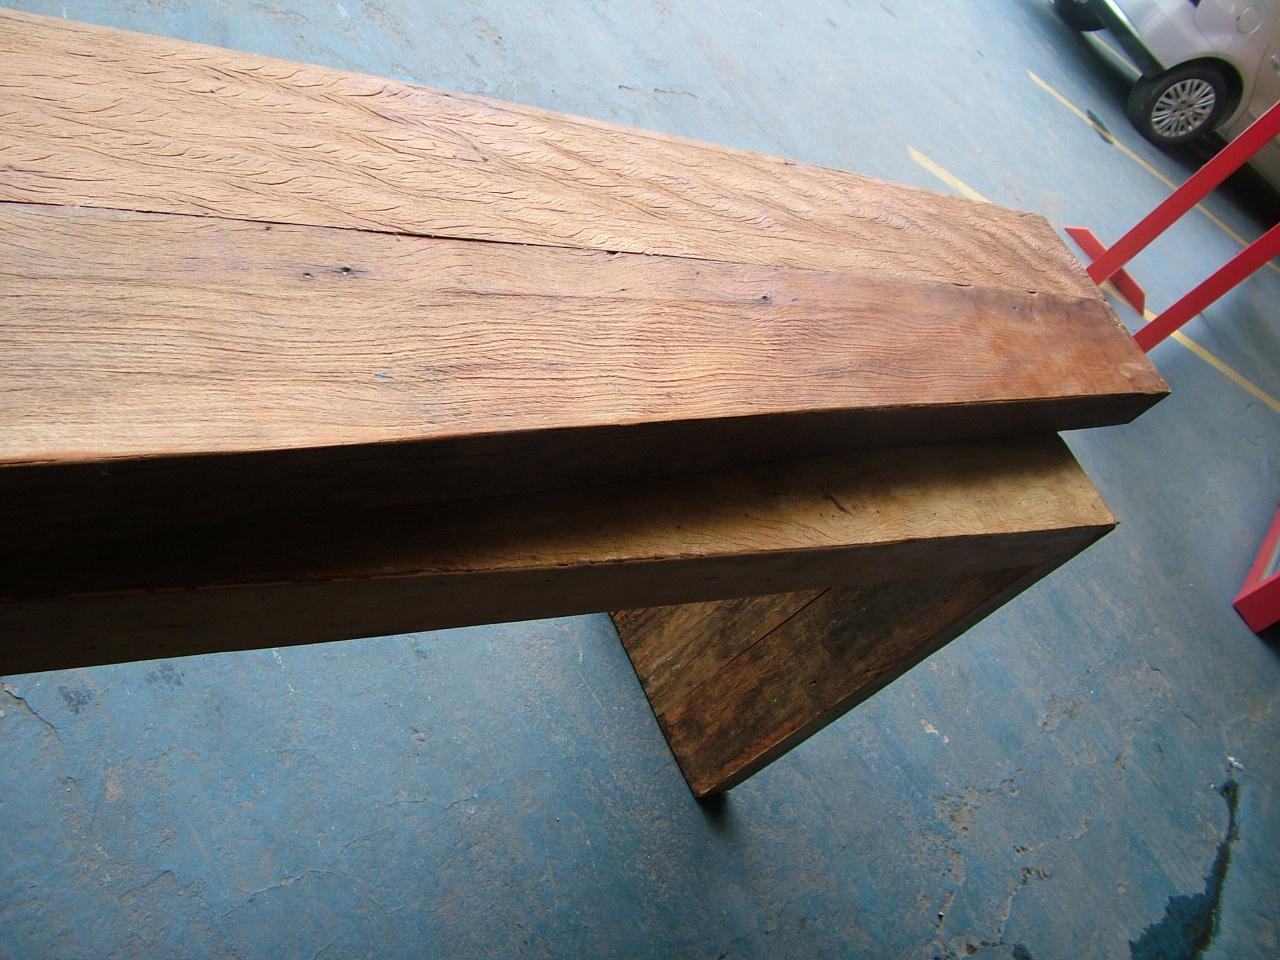 aparador feito de madeira de demolição esta um tampo para cozinha  #763628 1280 960